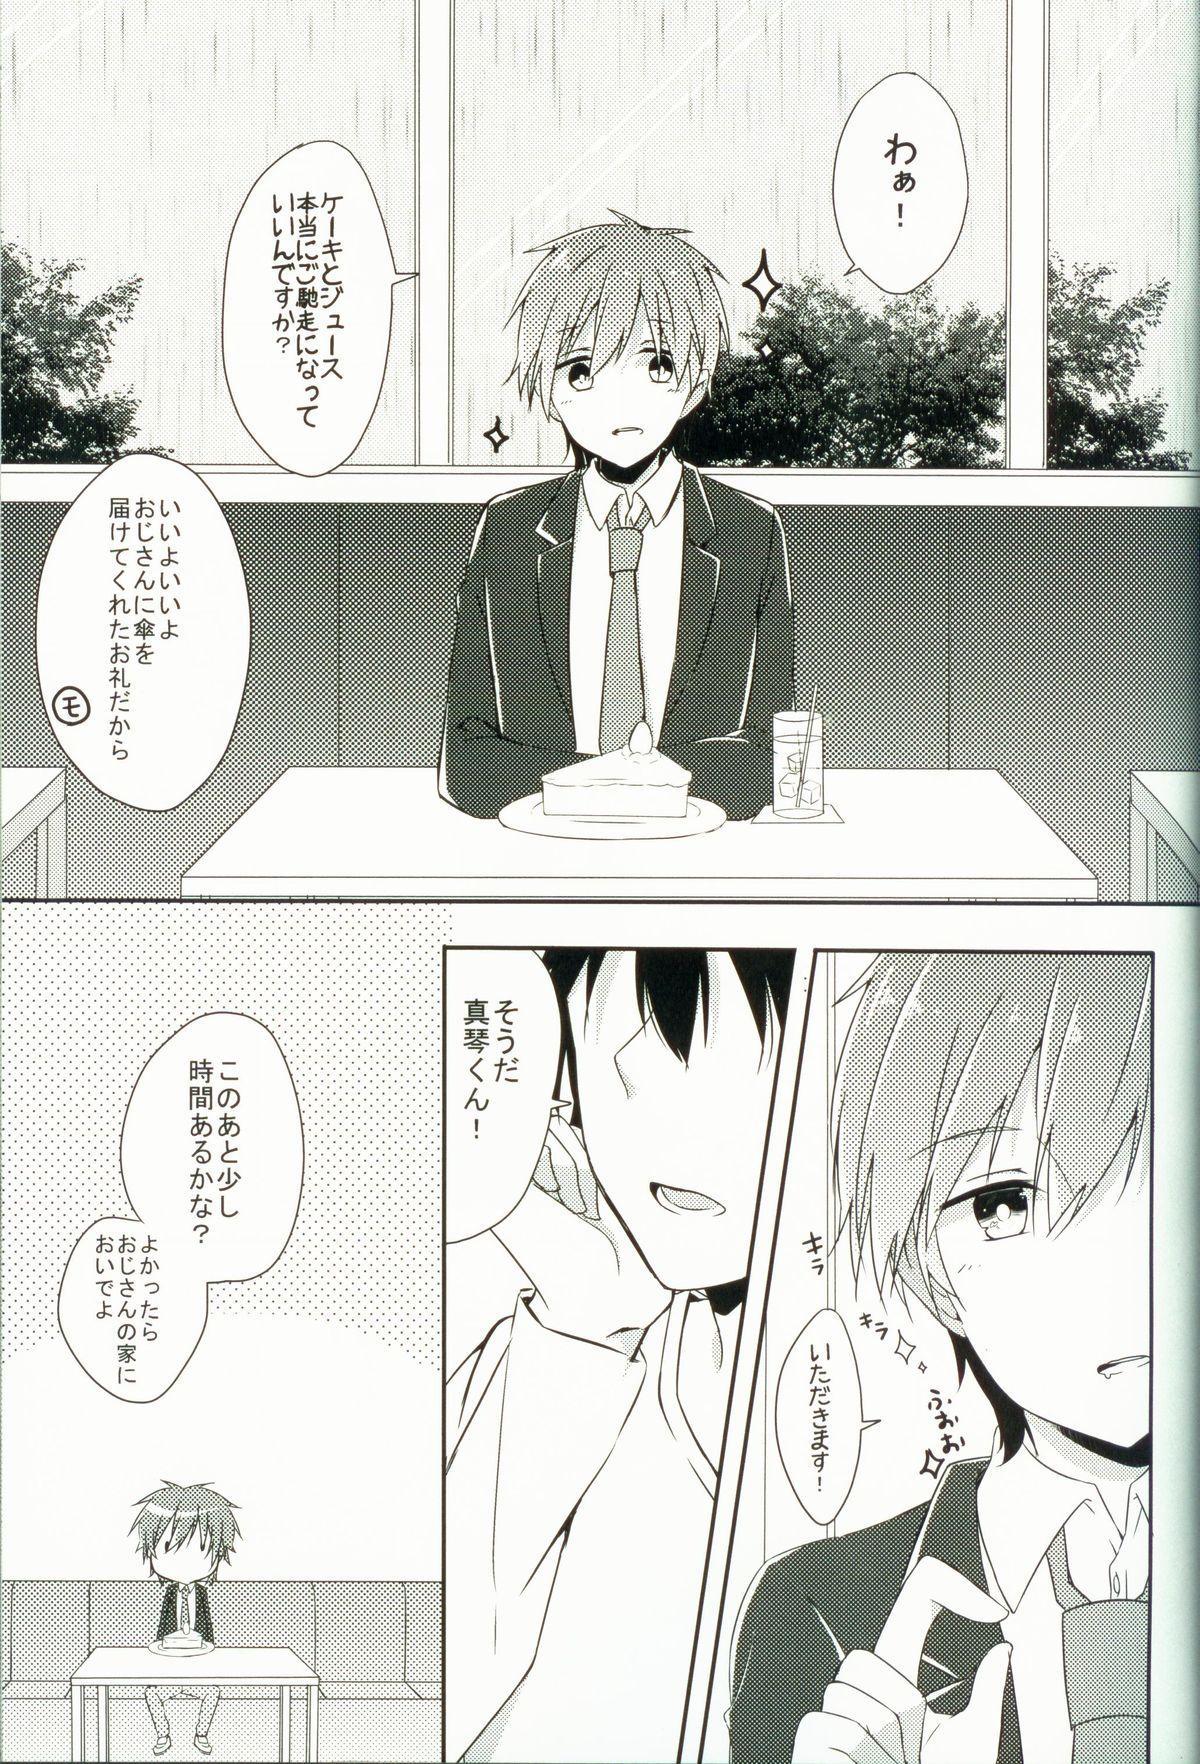 Makoto-chan o doro doro ni suru hon 3